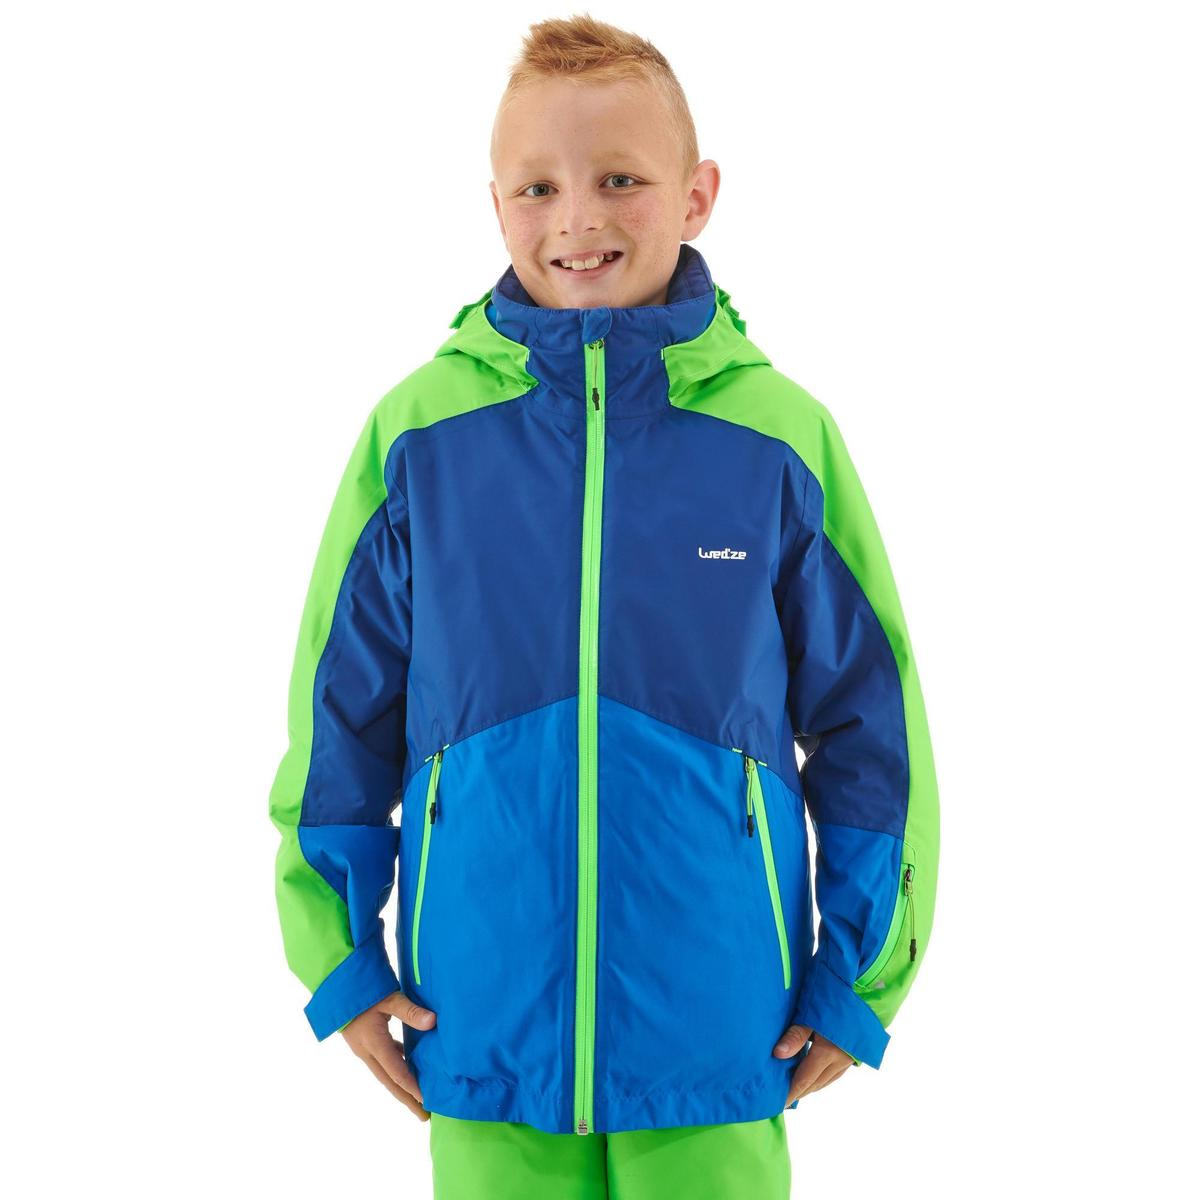 Bild 3 von Skijacke 580 Kinder blau/grün